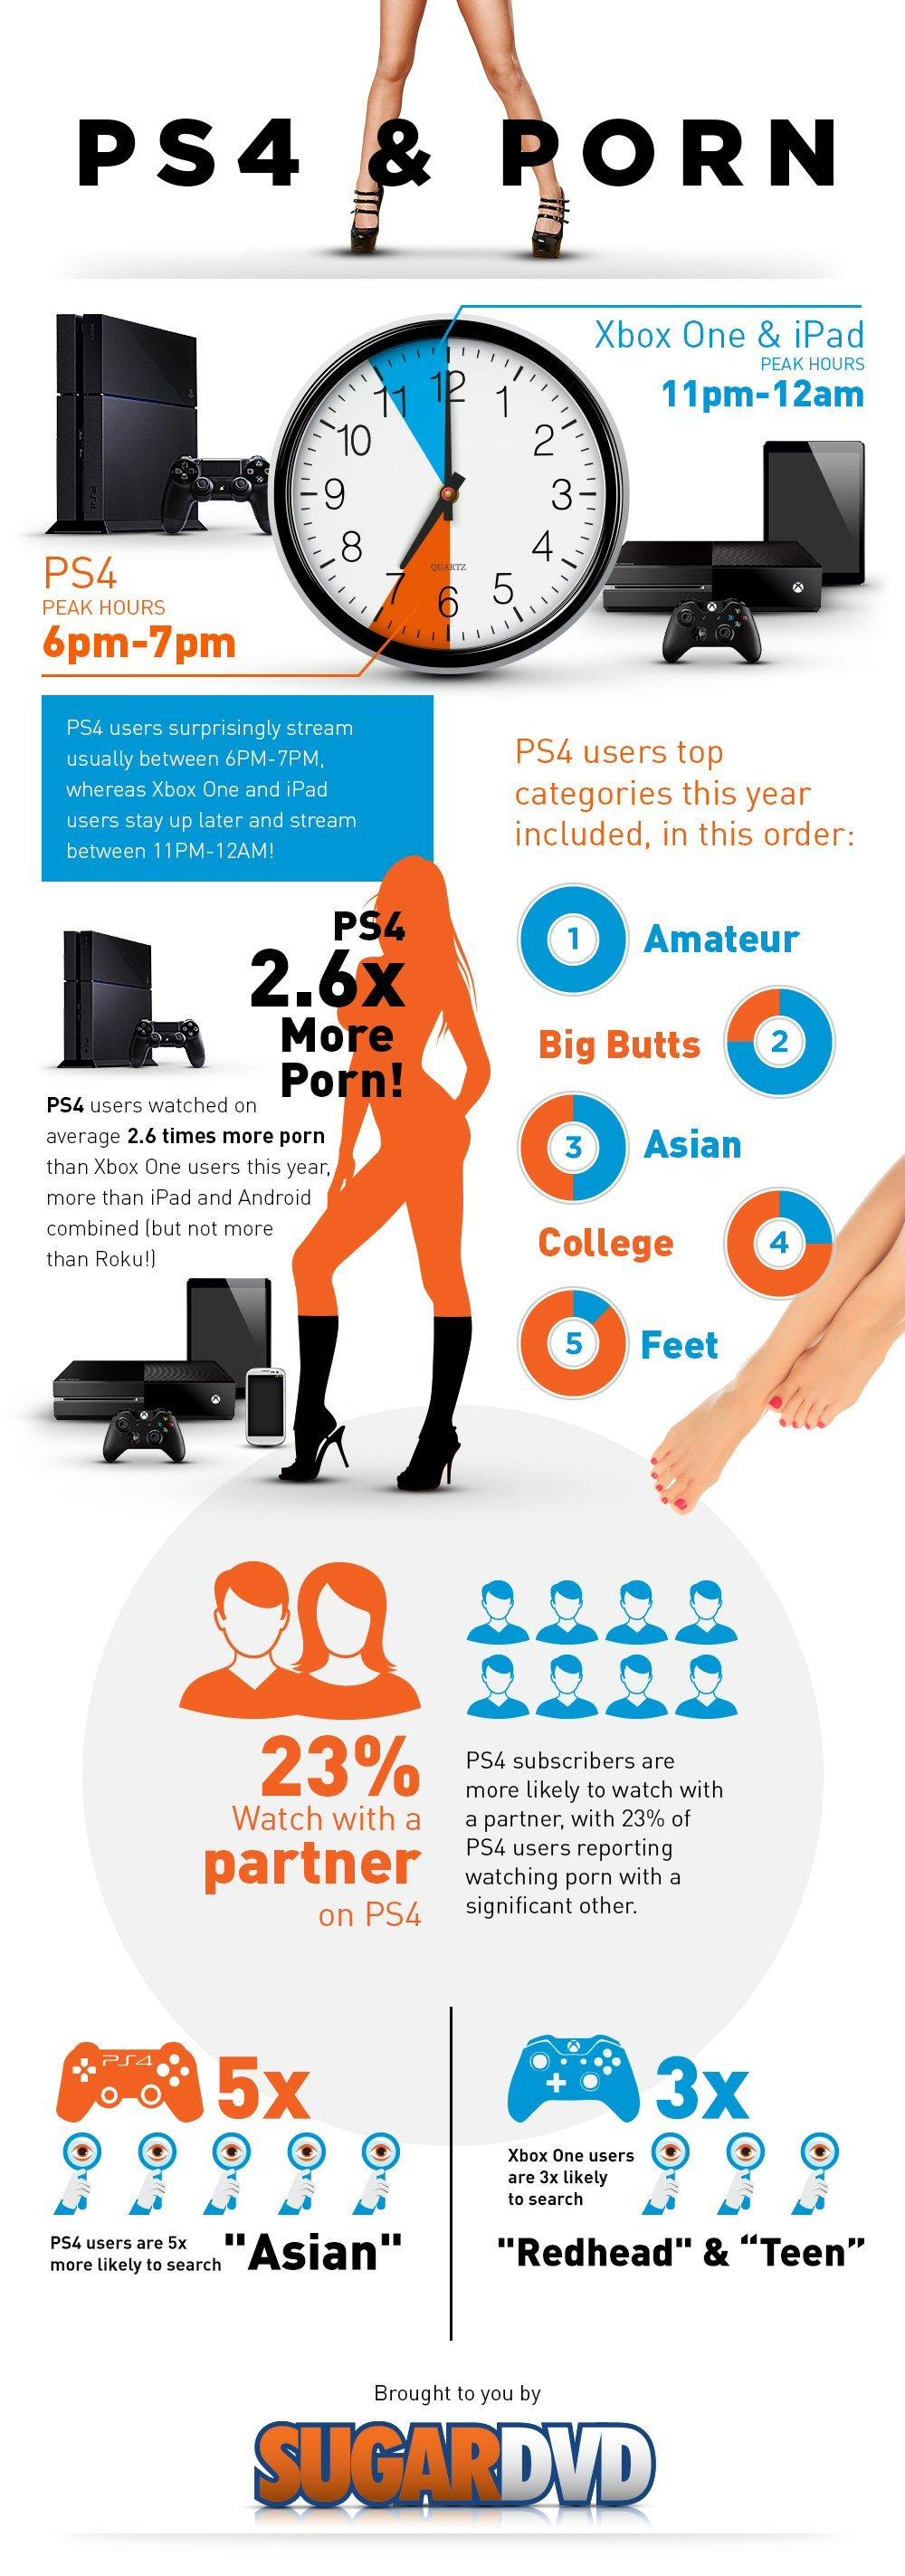 На порносайт SugarDVD почти в три раза чаще заходят с PS4 - Изображение 2